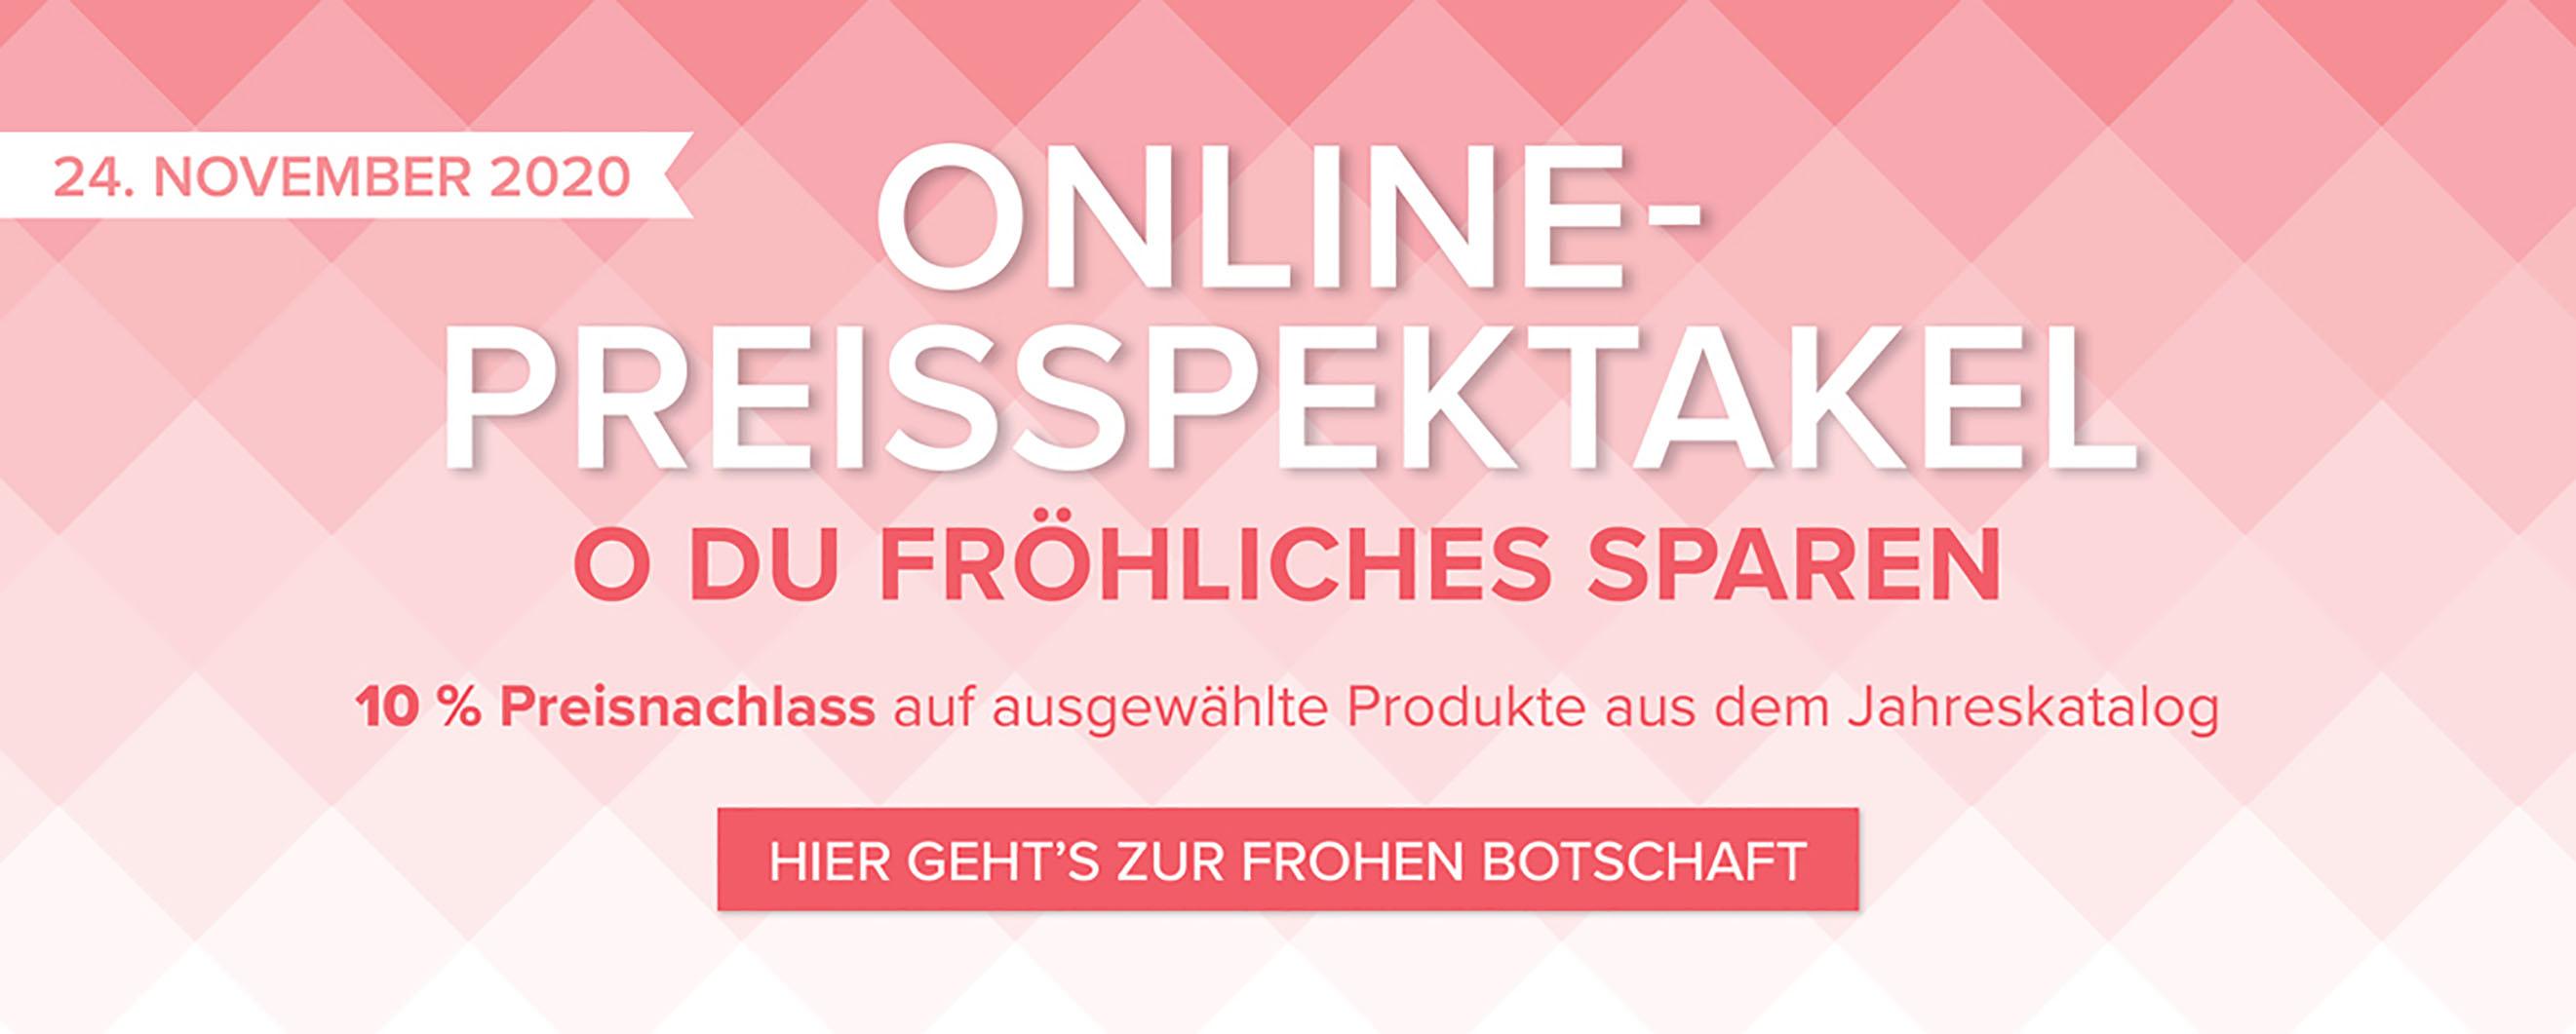 2020 Online-Preisspektakel